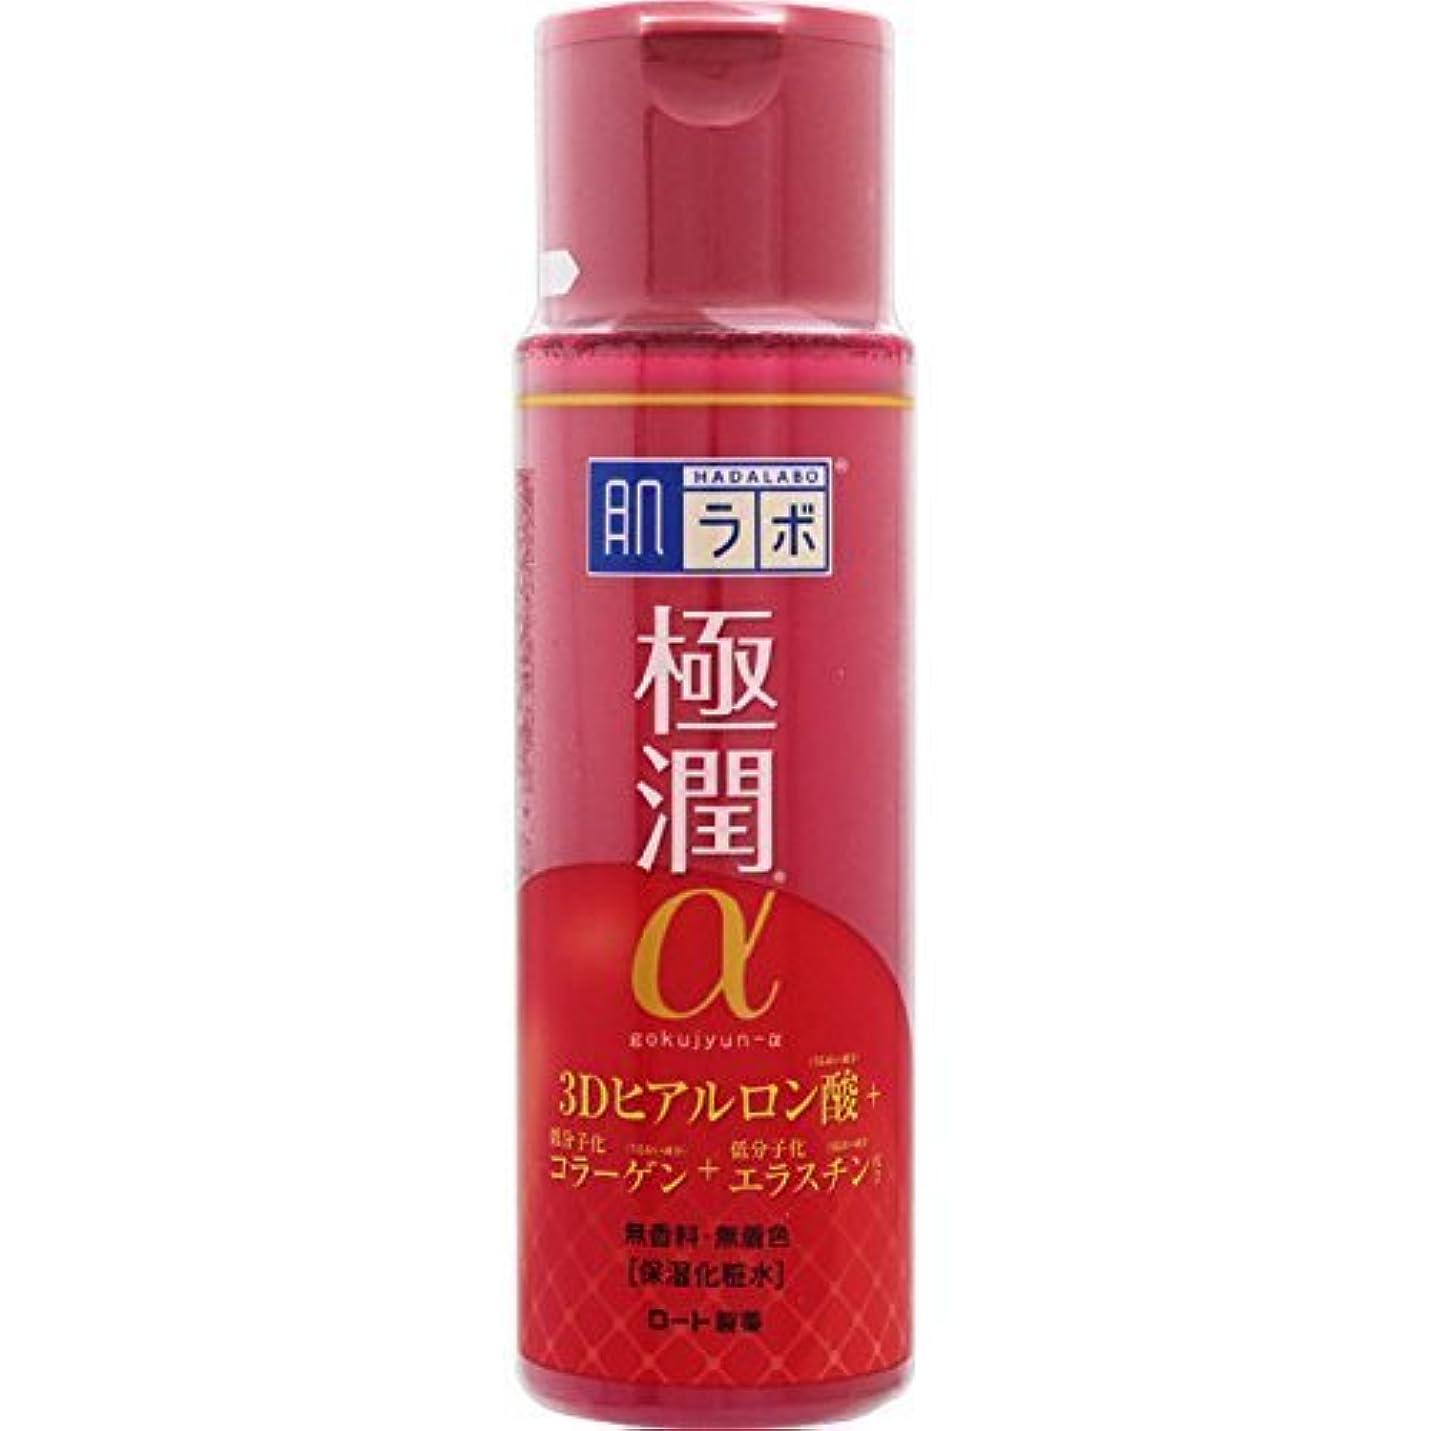 緩やかな資源取り扱い(2016年秋の新商品)(ロート製薬)肌ラボ極潤α 3Dヒアルロン酸保湿化粧水 170ml